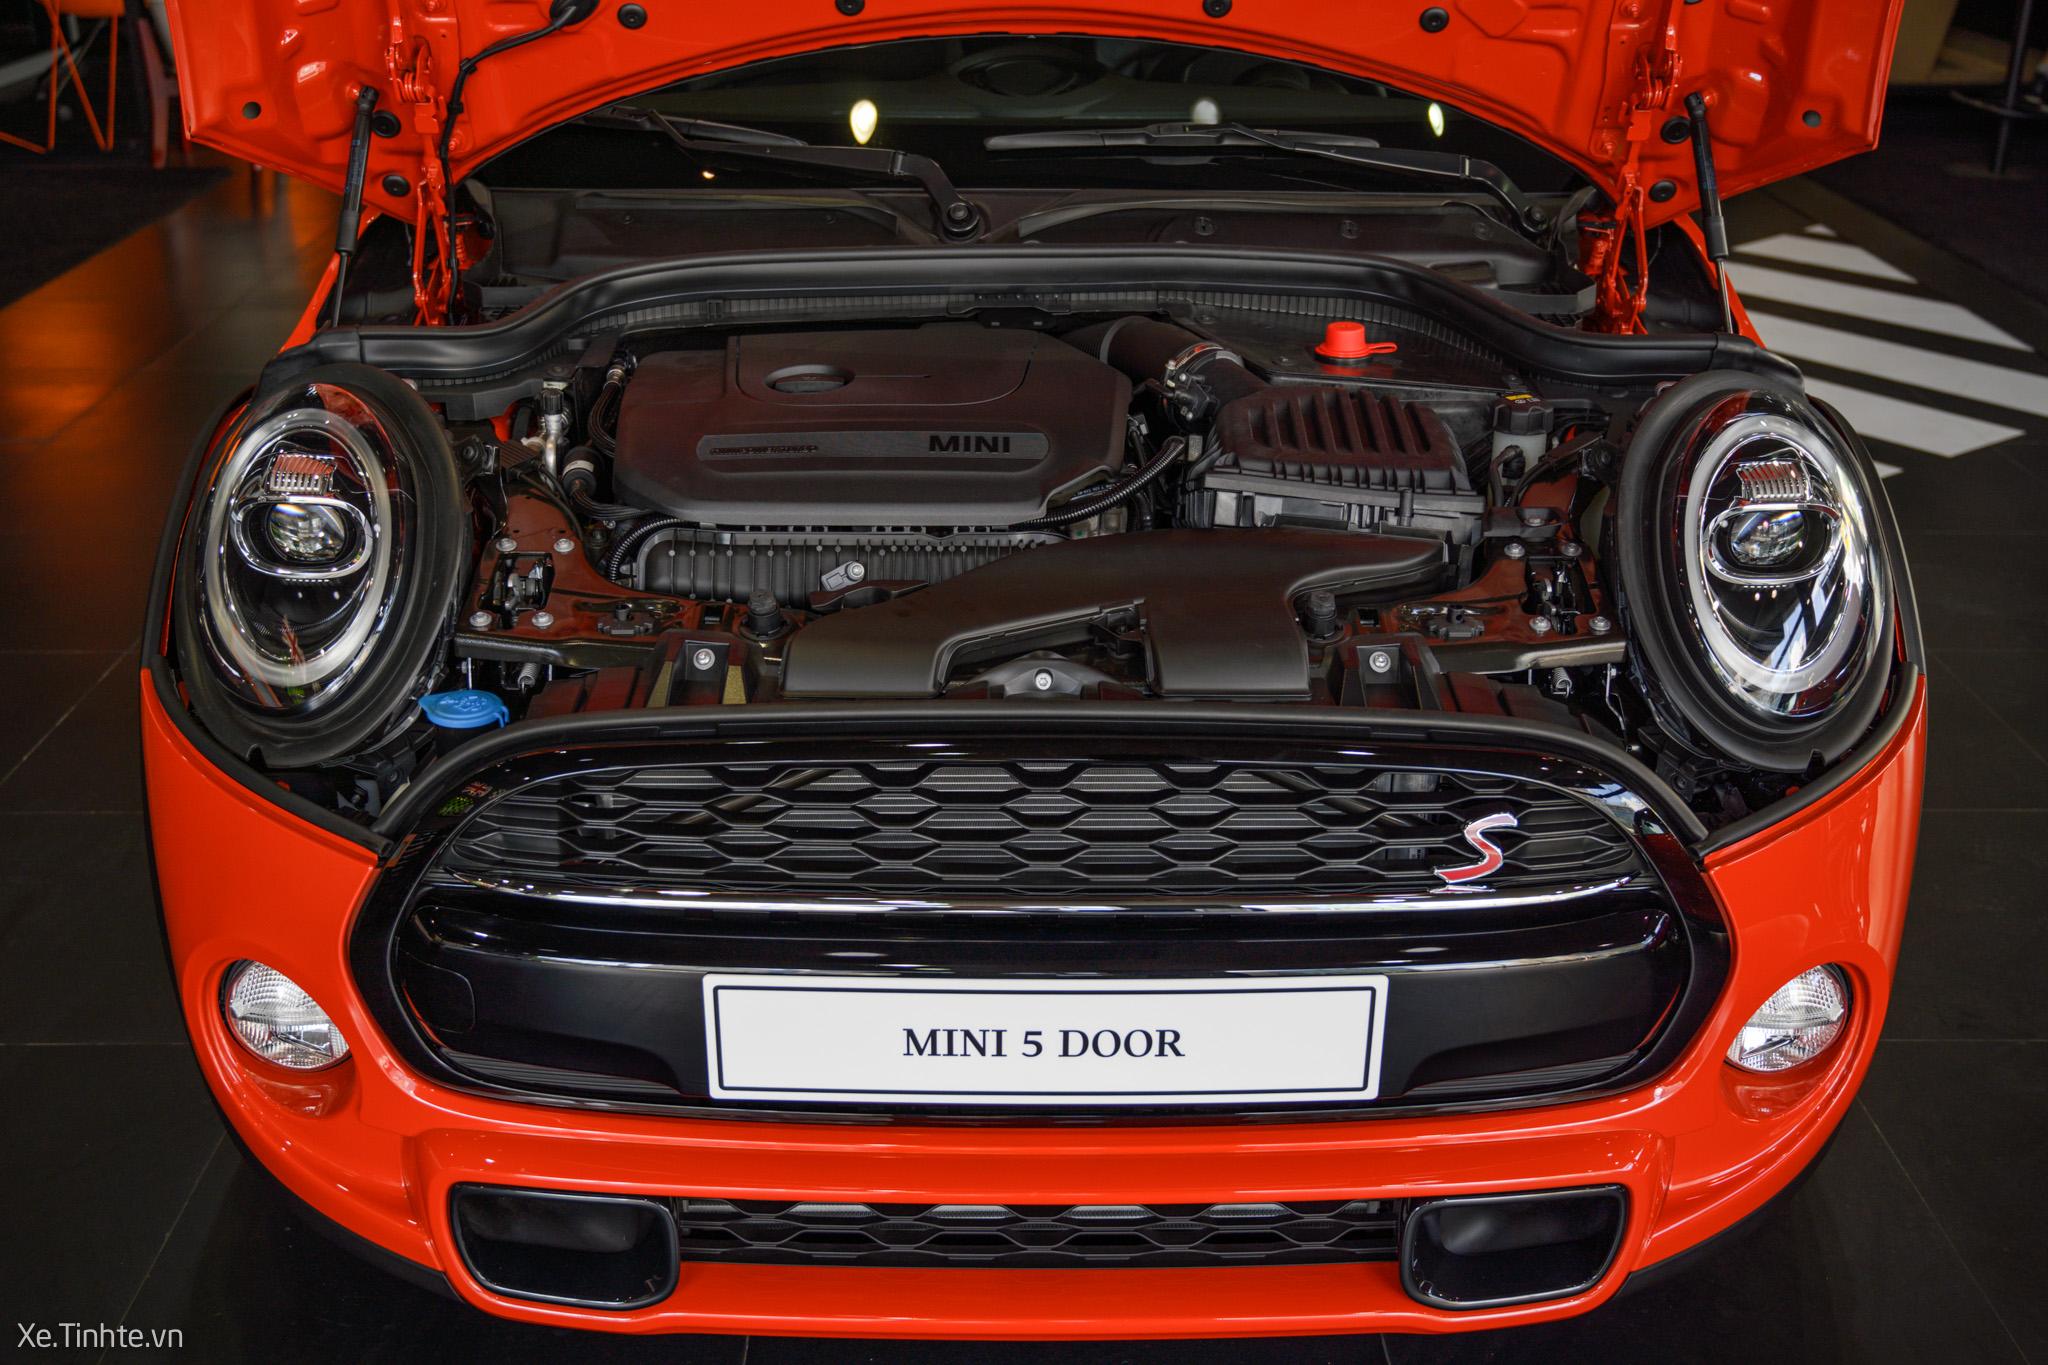 Mini-CooperS-5Door-xetinhte-81.jpg